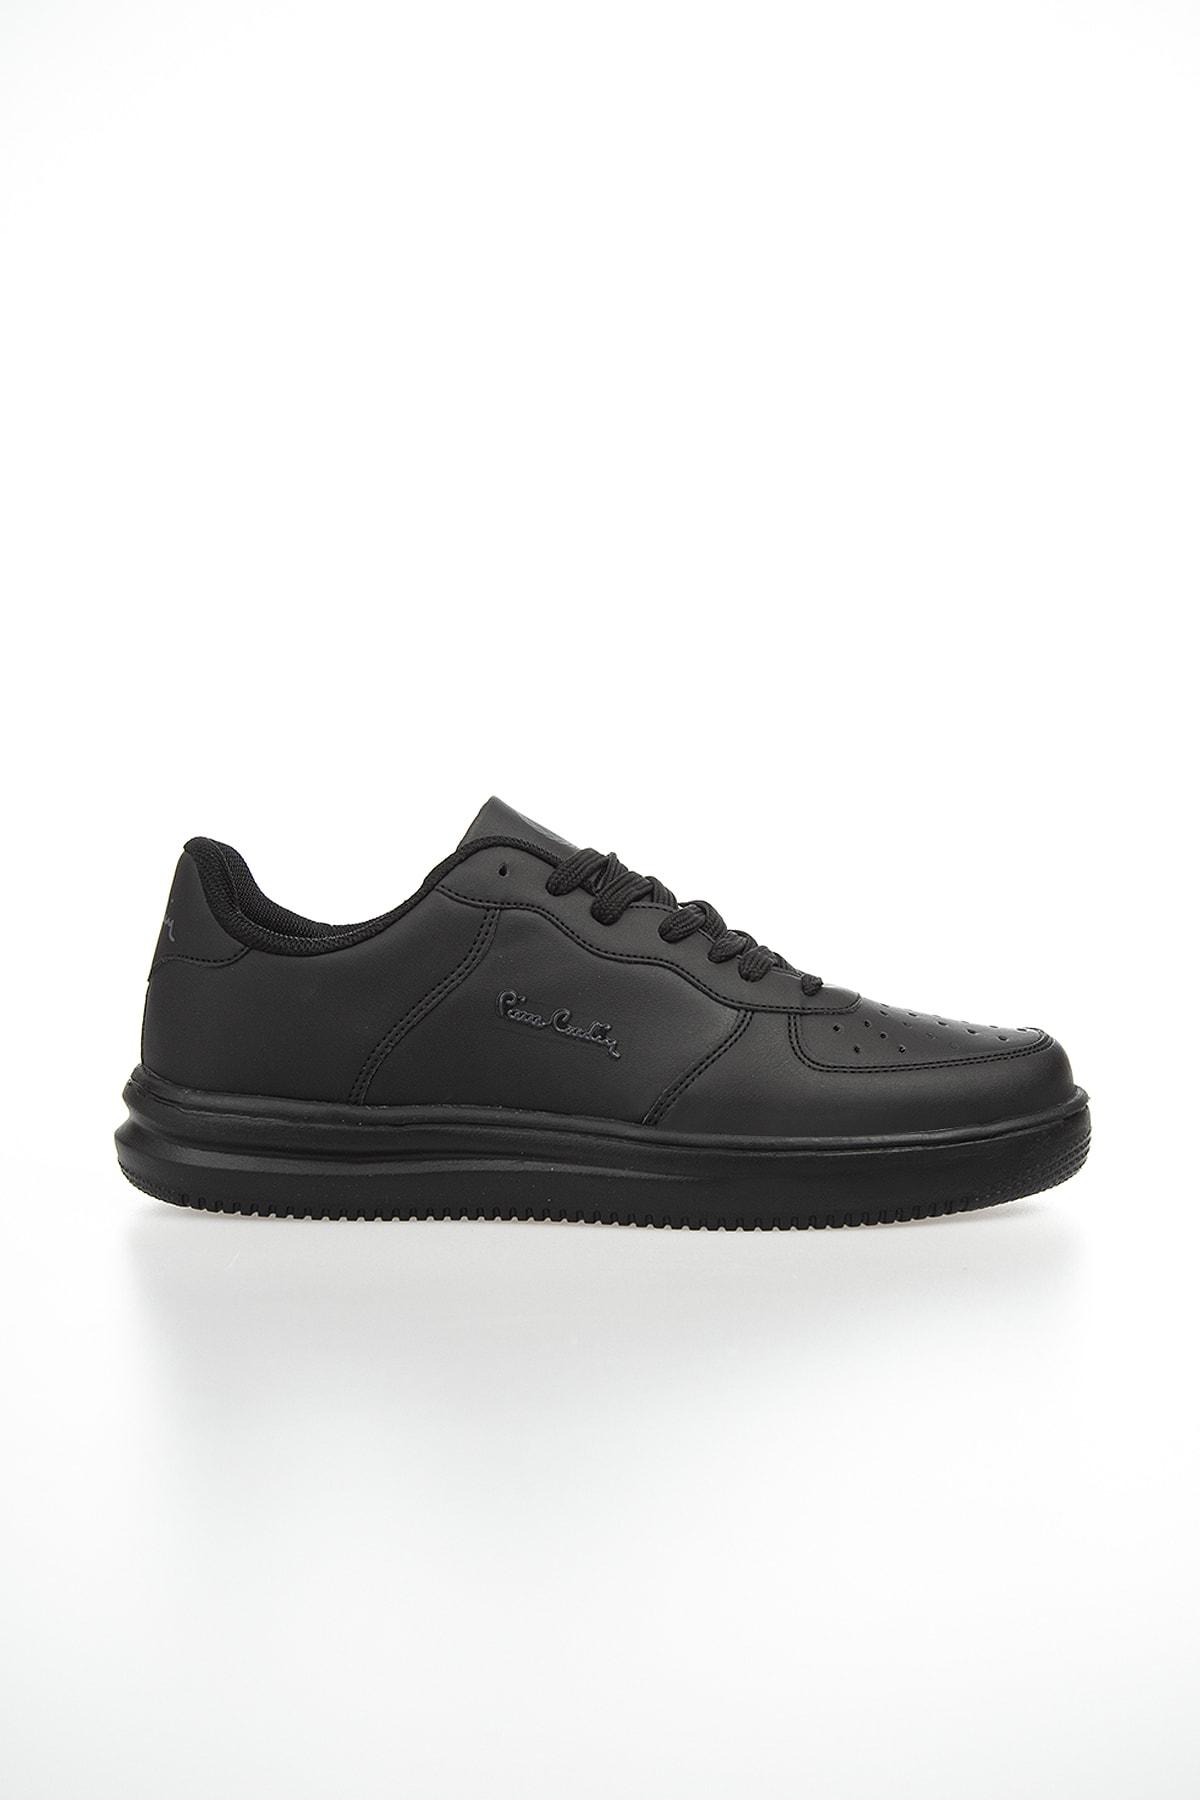 Erkek Günlük Spor Ayakkabı-Siyah PCS-10155